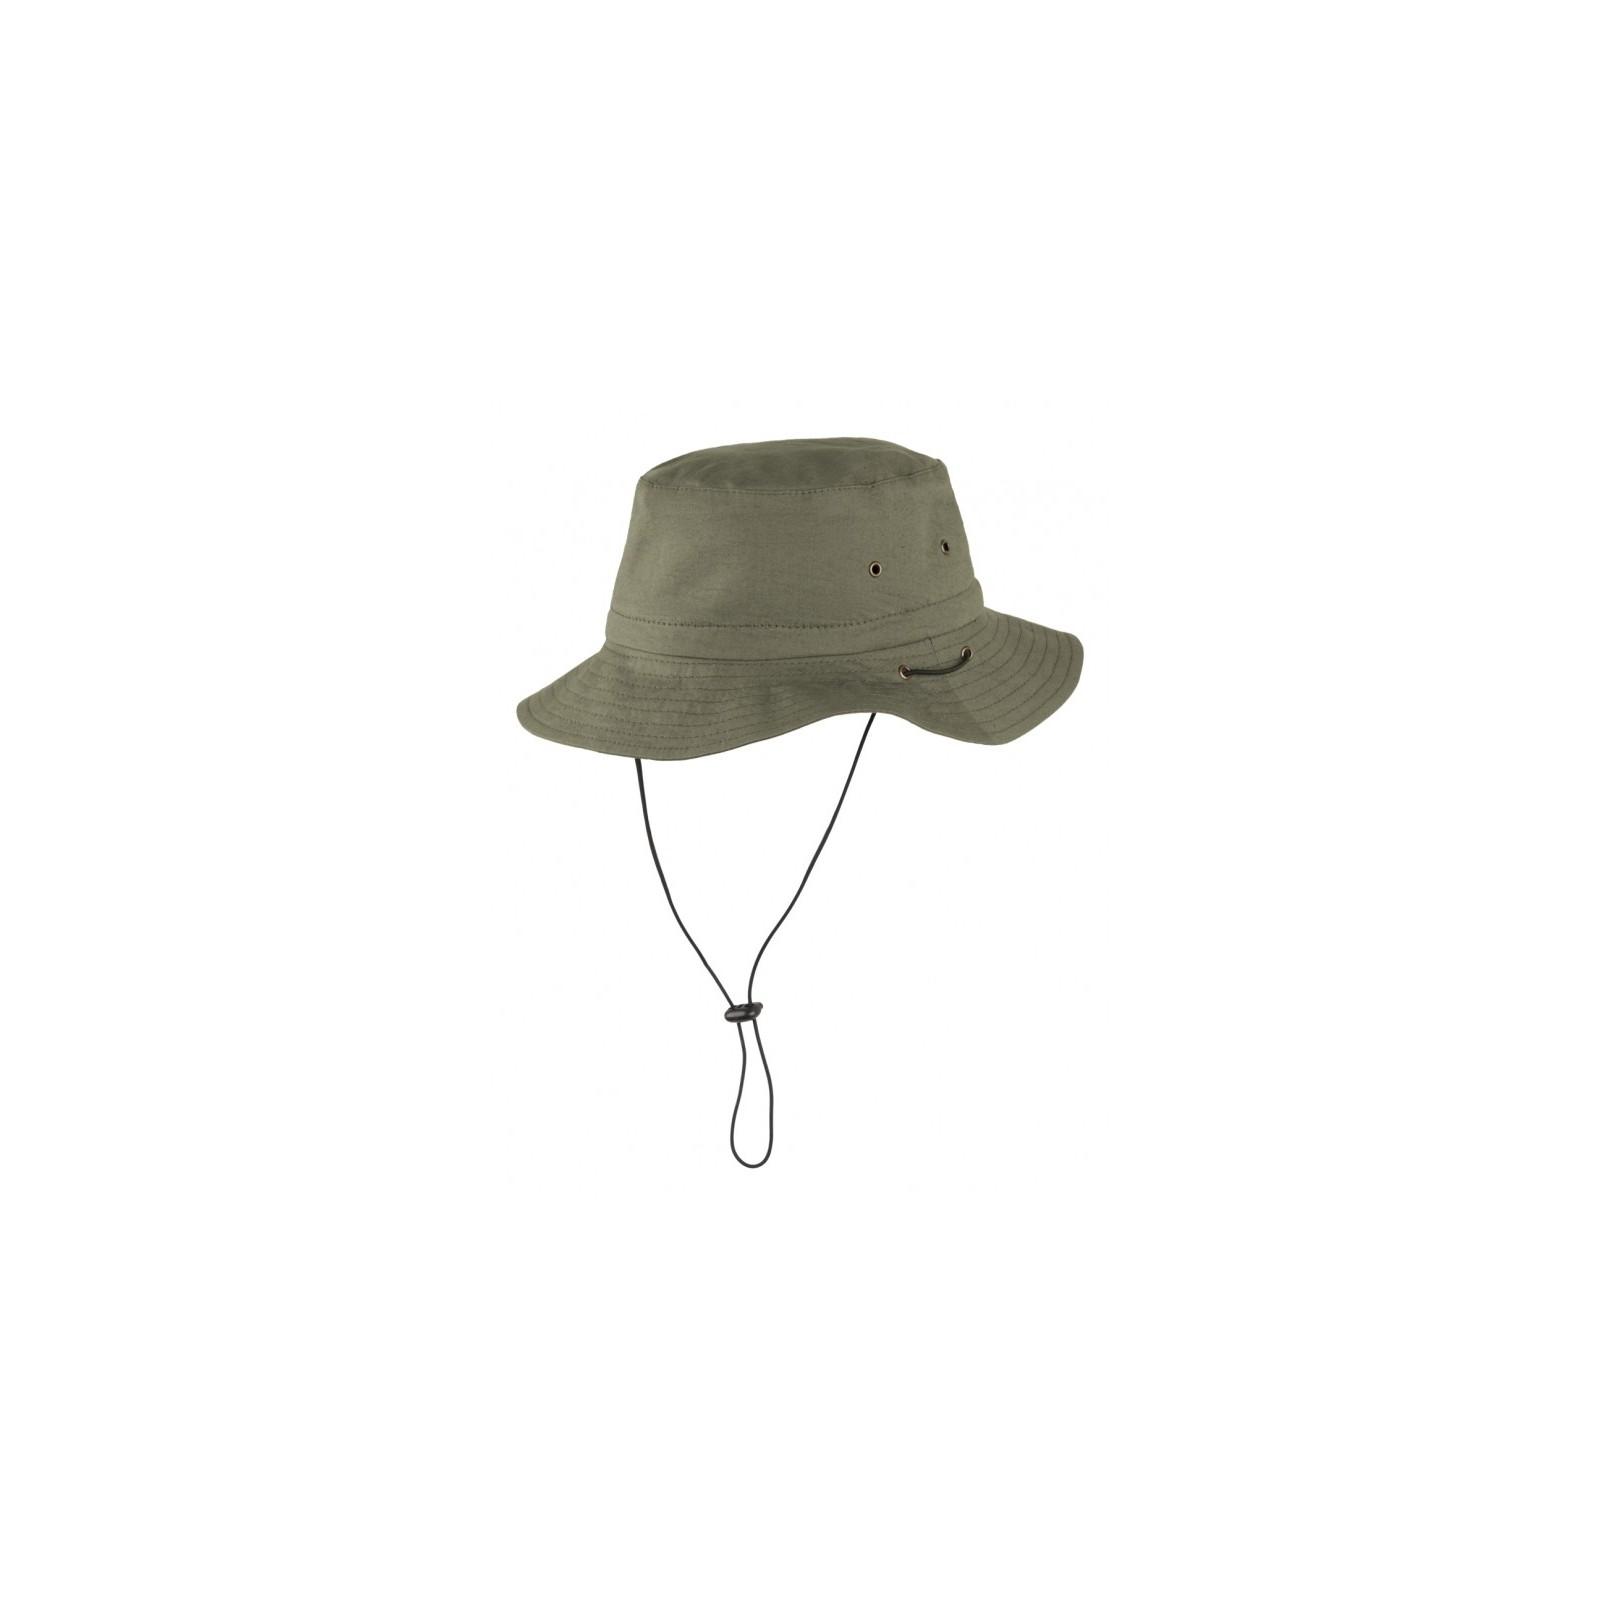 Schippis Bush Hiker hat